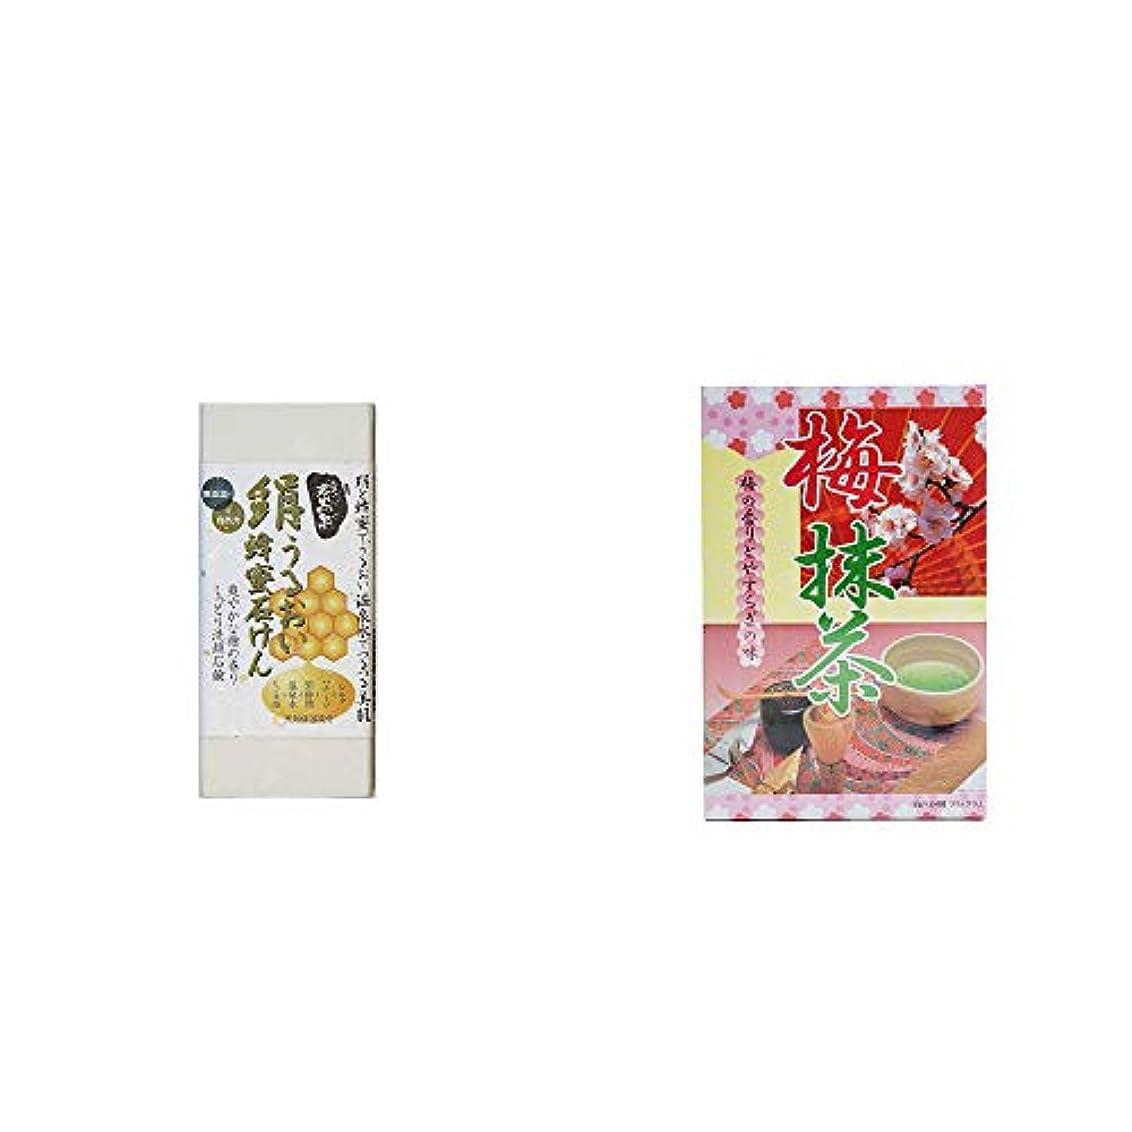 ラバ連続的リーダーシップ[2点セット] ひのき炭黒泉 絹うるおい蜂蜜石けん(75g×2)?梅抹茶[大](24袋)